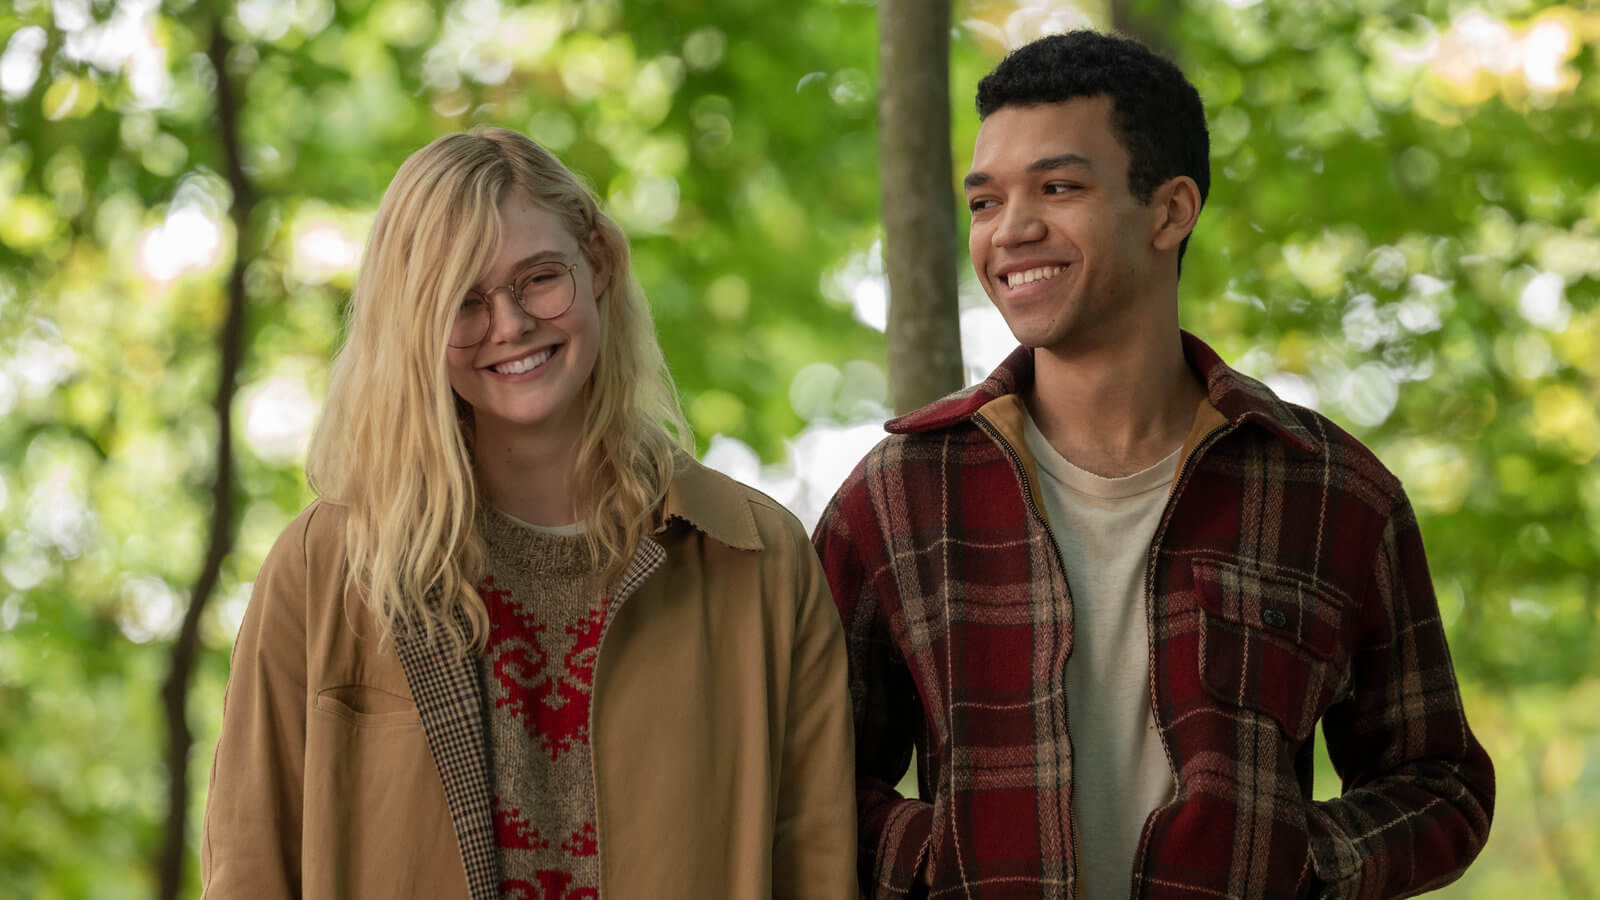 Netflix 原創愛情電影《生命中的燦爛時光》劇照。